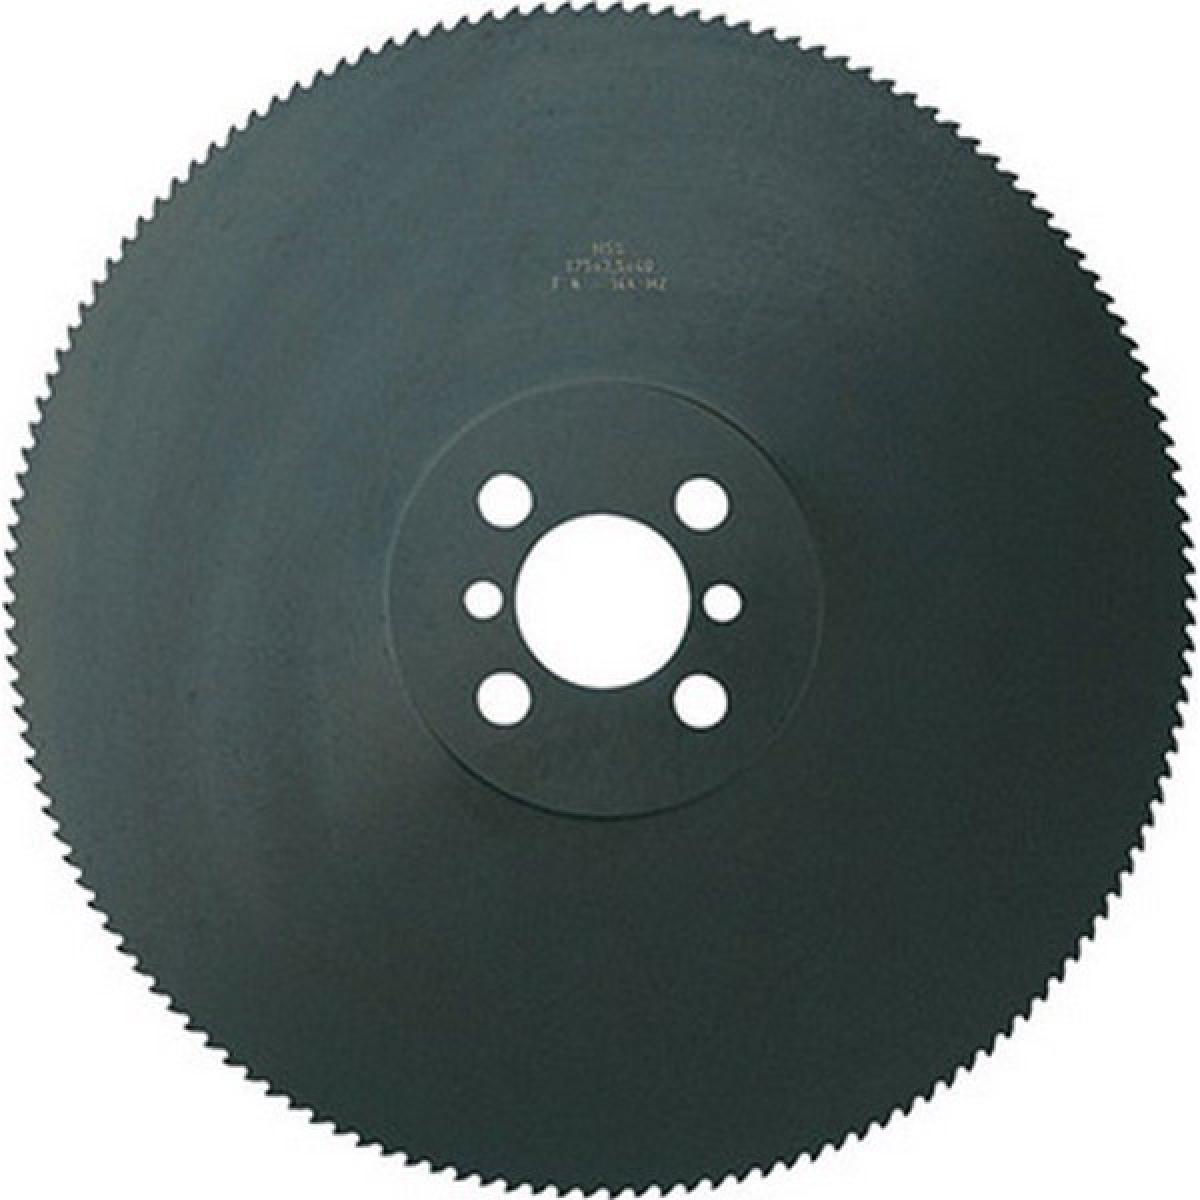 Forum Lame de scie circulaire à métaux, en acier à coupe rapideE à 5% de cobalt, Dimensions : 400 x 3,5 x 50 mm